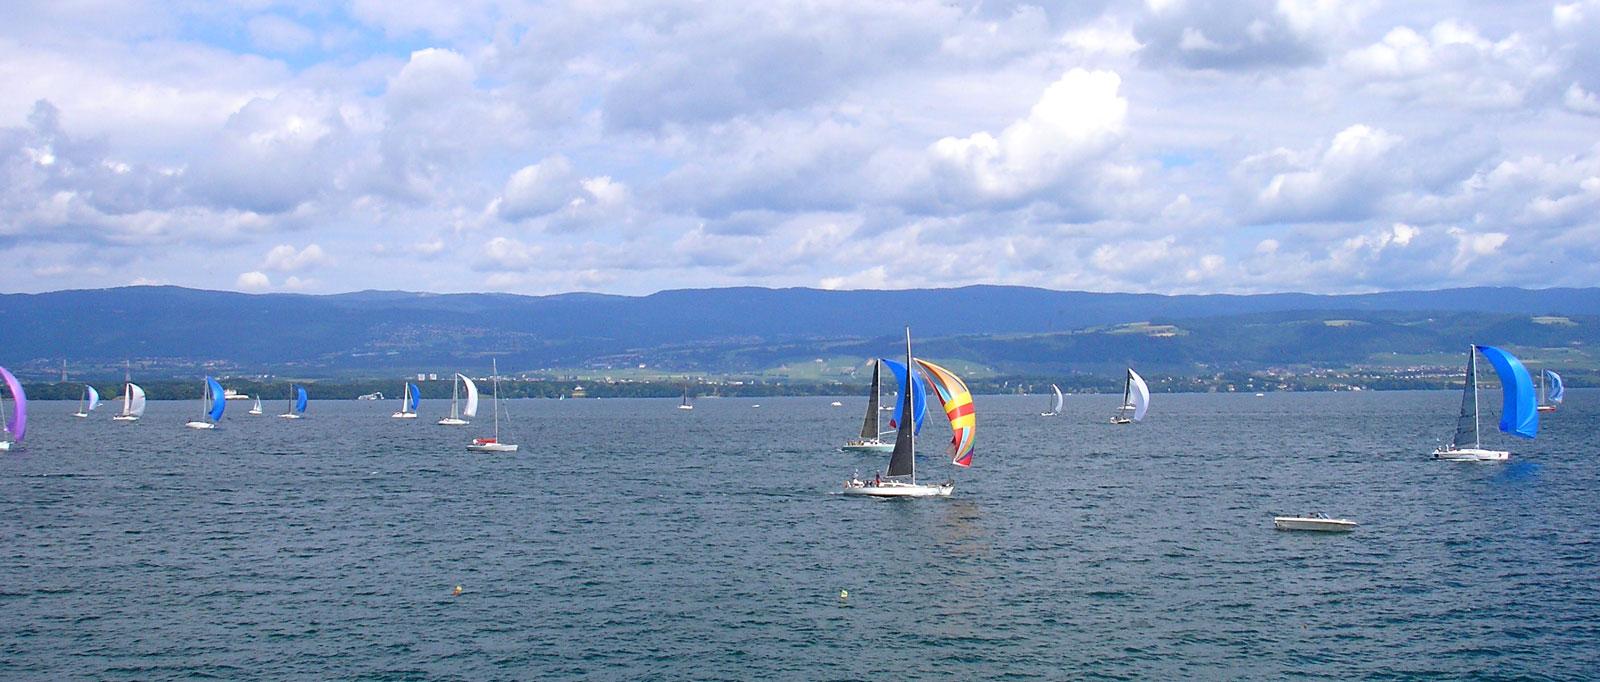 Voiliers du Bol d'Or Mirabaud à Yvoire sur le lac Léman.